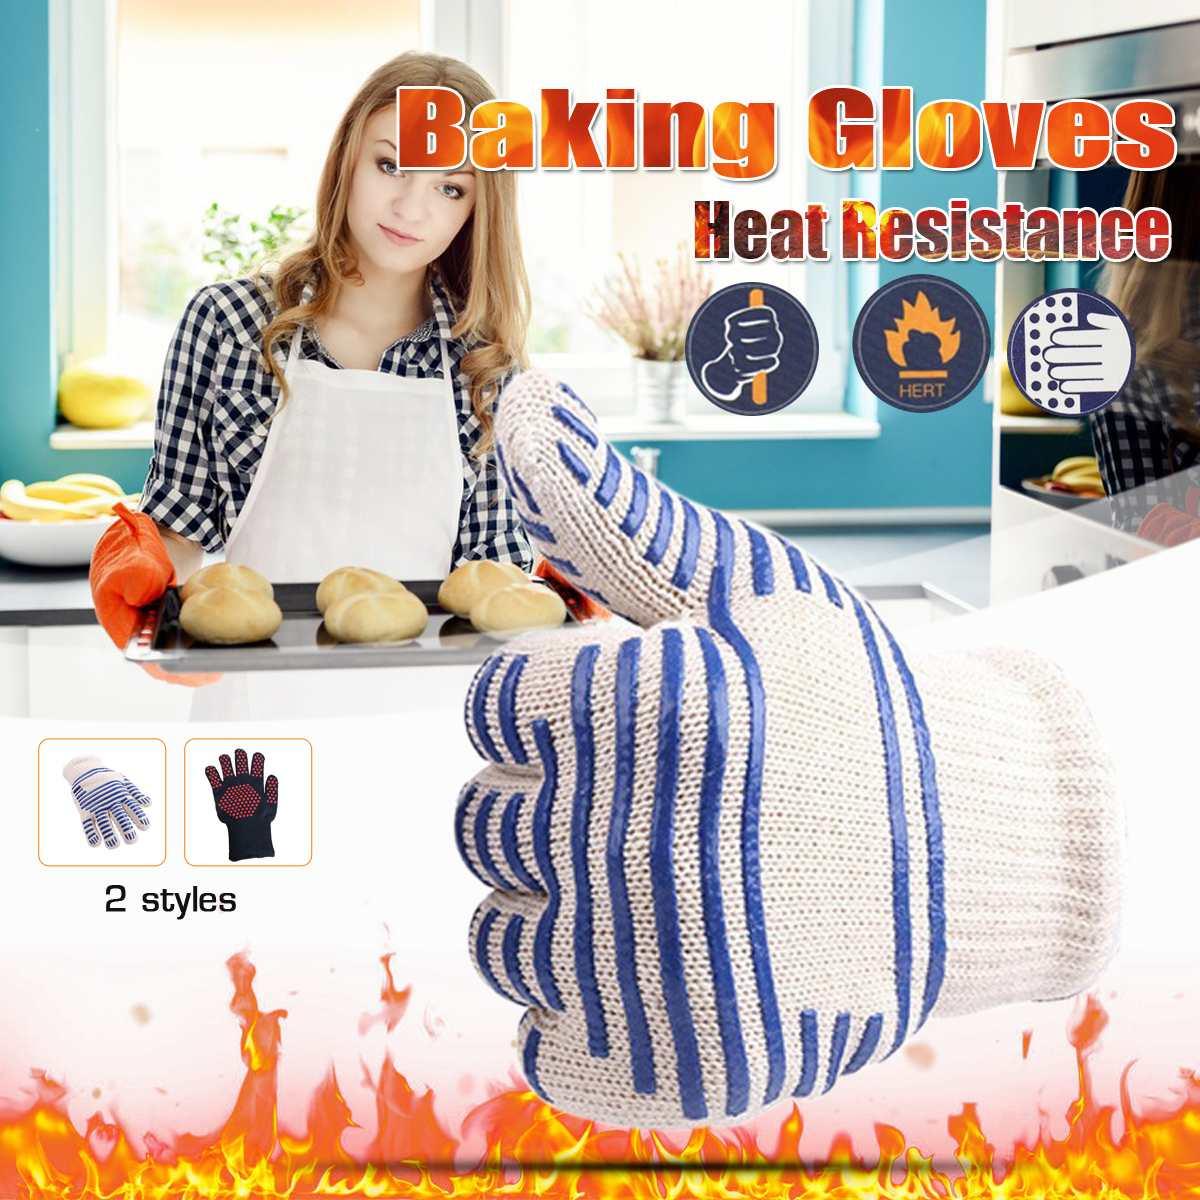 1 guante de cocina para horno, guantes para barbacoa, guantes para barbacoa, guantes resistentes al calor de cocina, guantes de cocina multiusos para asar